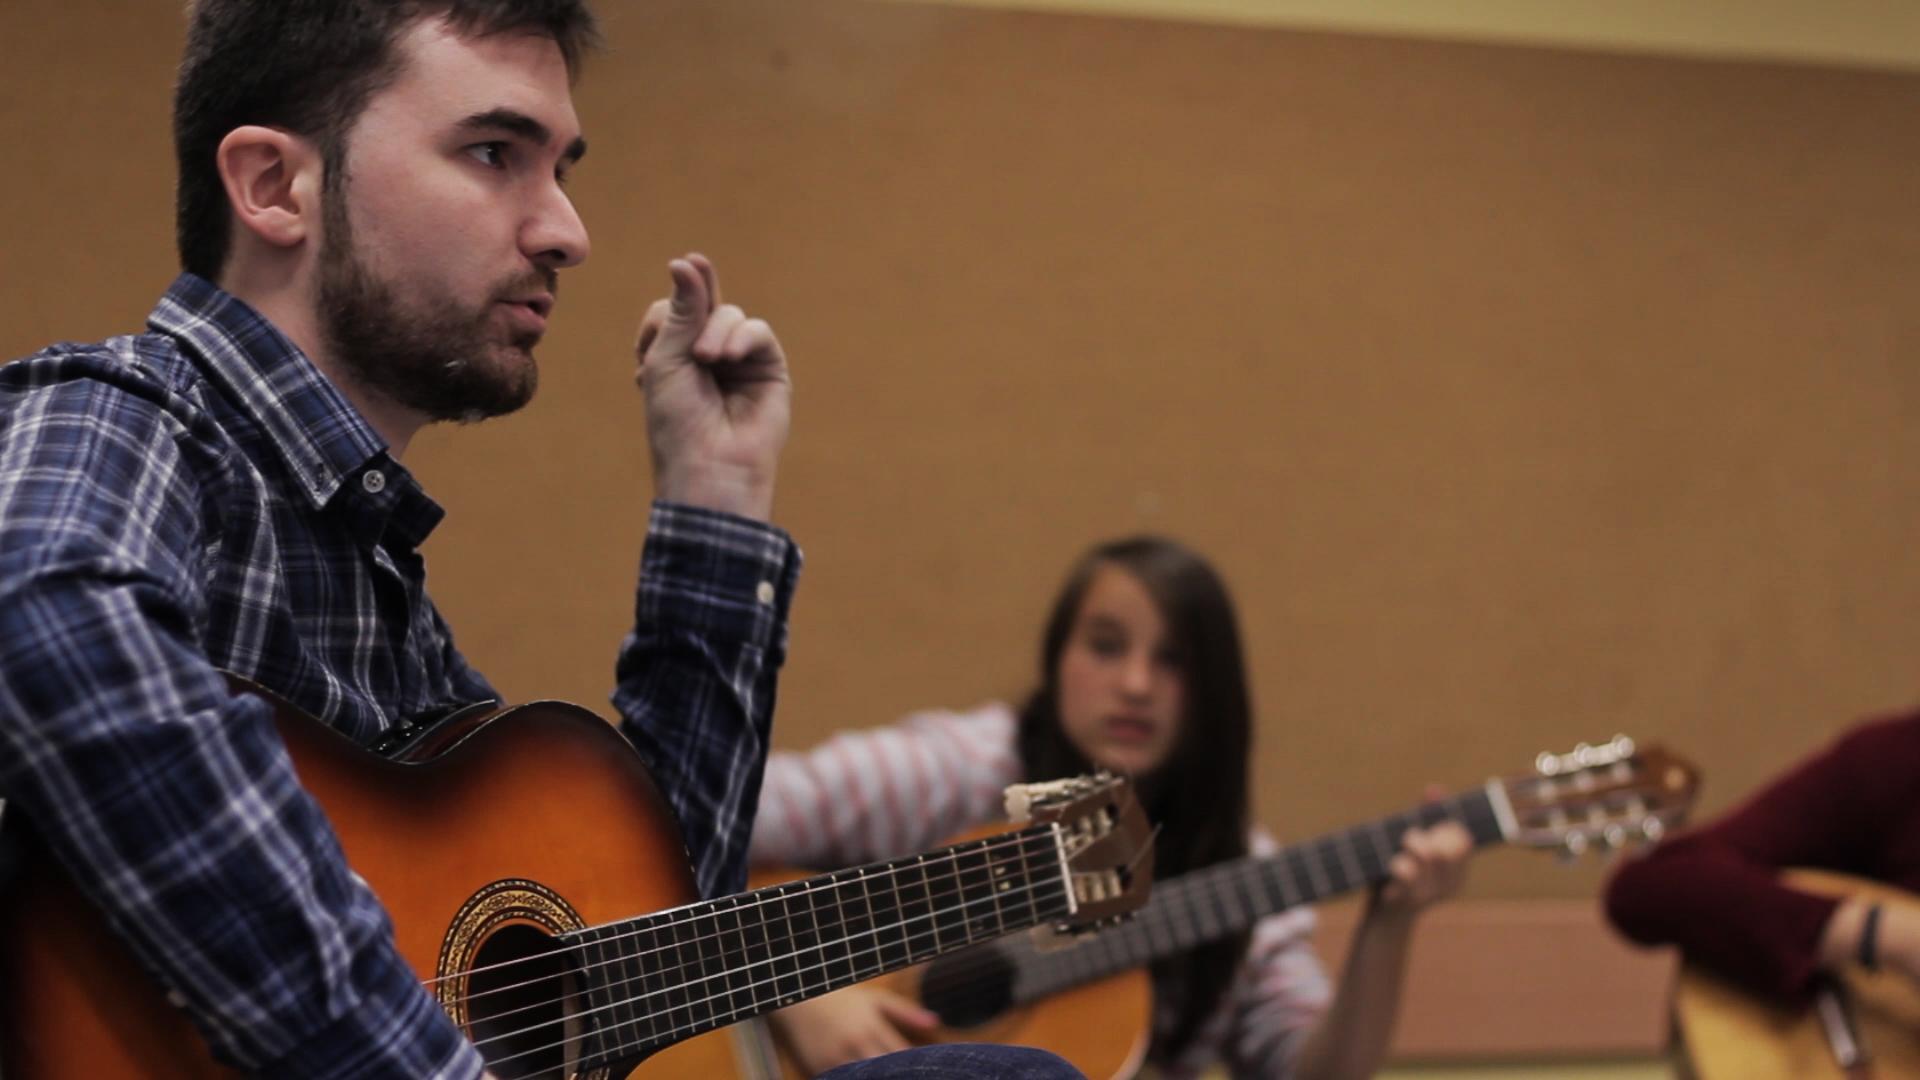 dando clases de guitarra barcelona en el centro civico matas i ramis